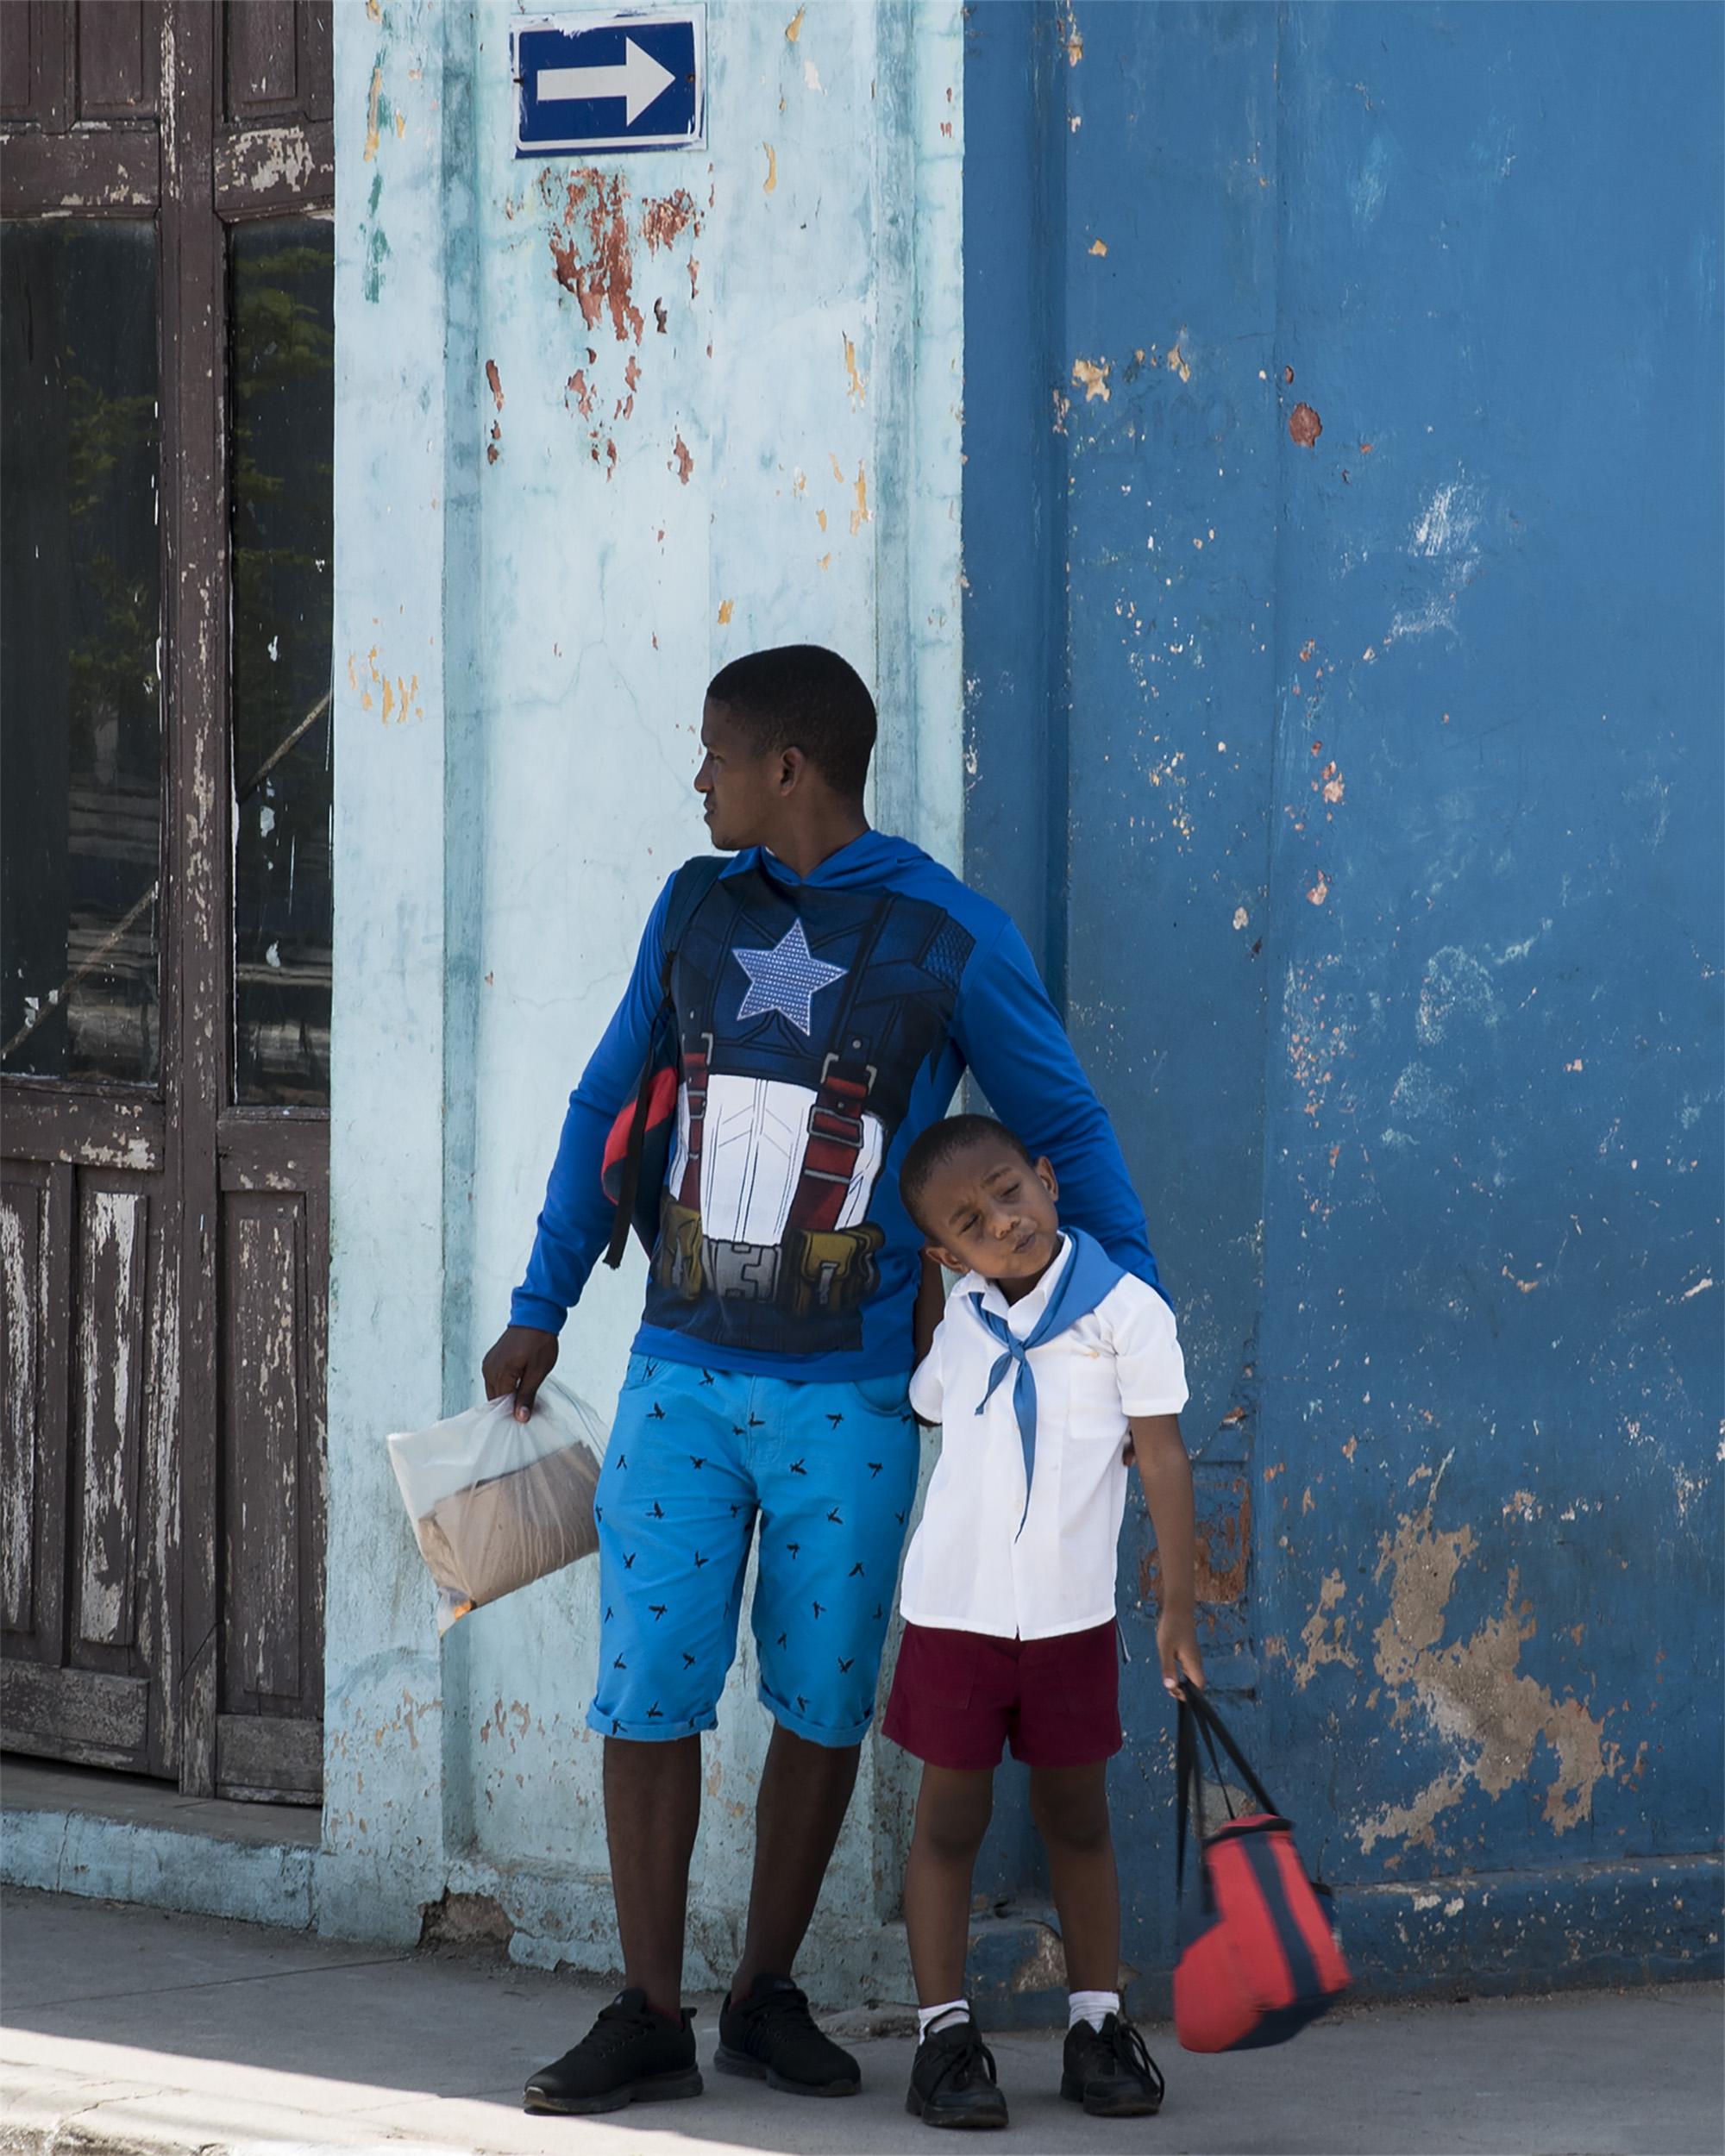 Trinidad_LGP_5354_2000x2500_72_10.jpg